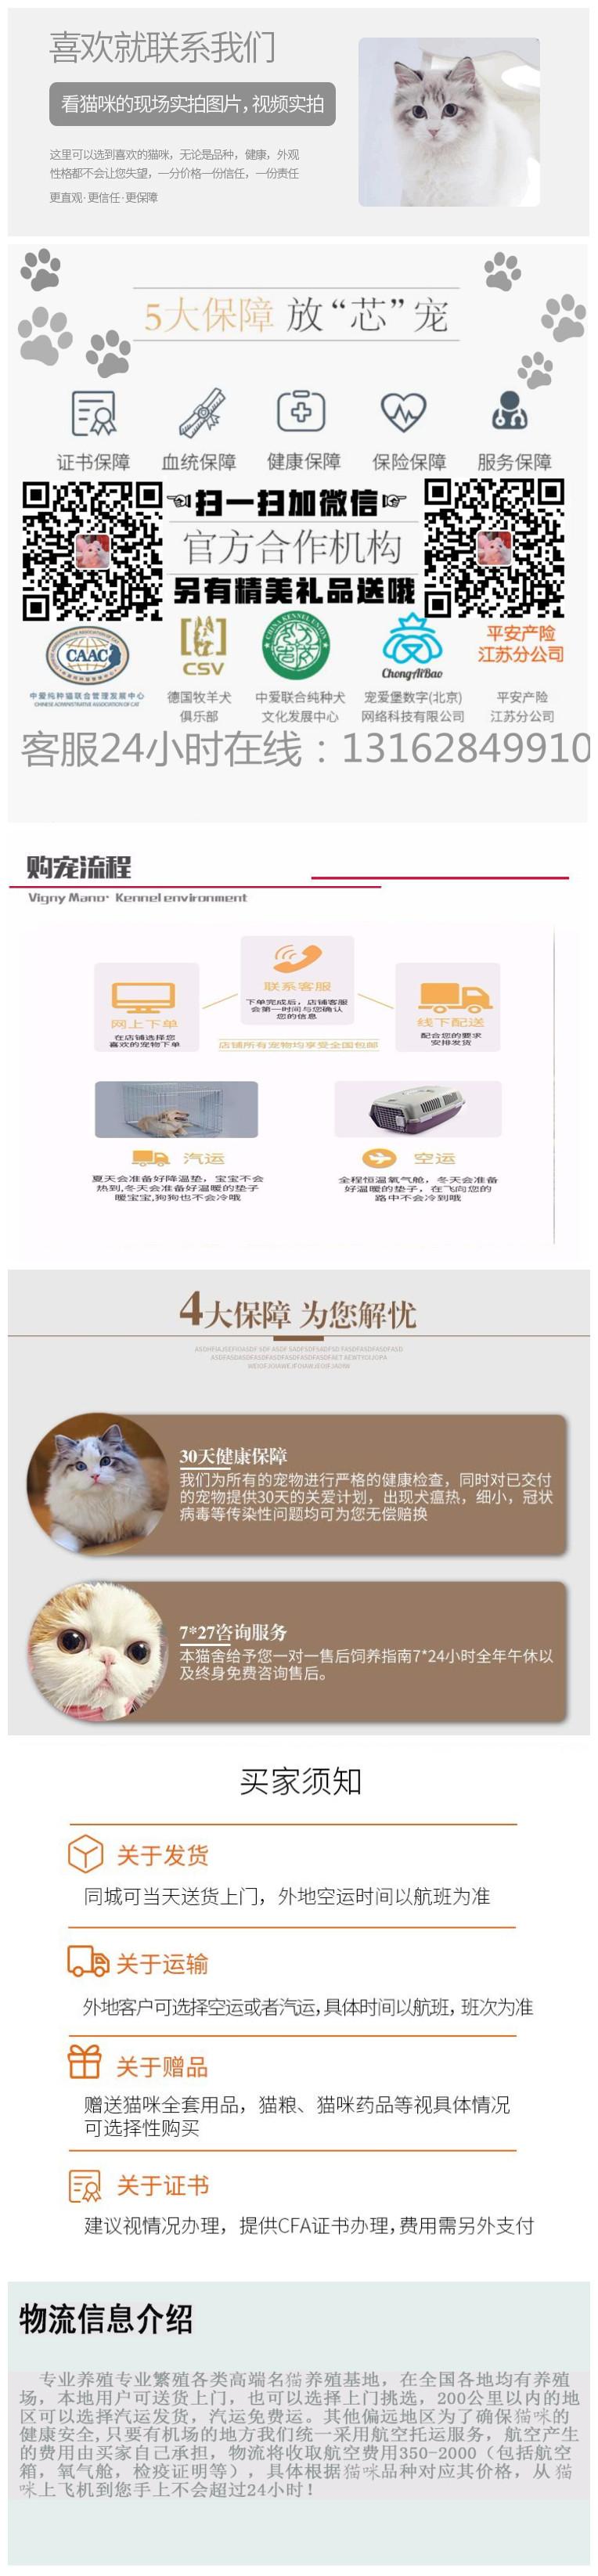 活体宠物猫,正规猫舍自己繁育,现货出售看上买5